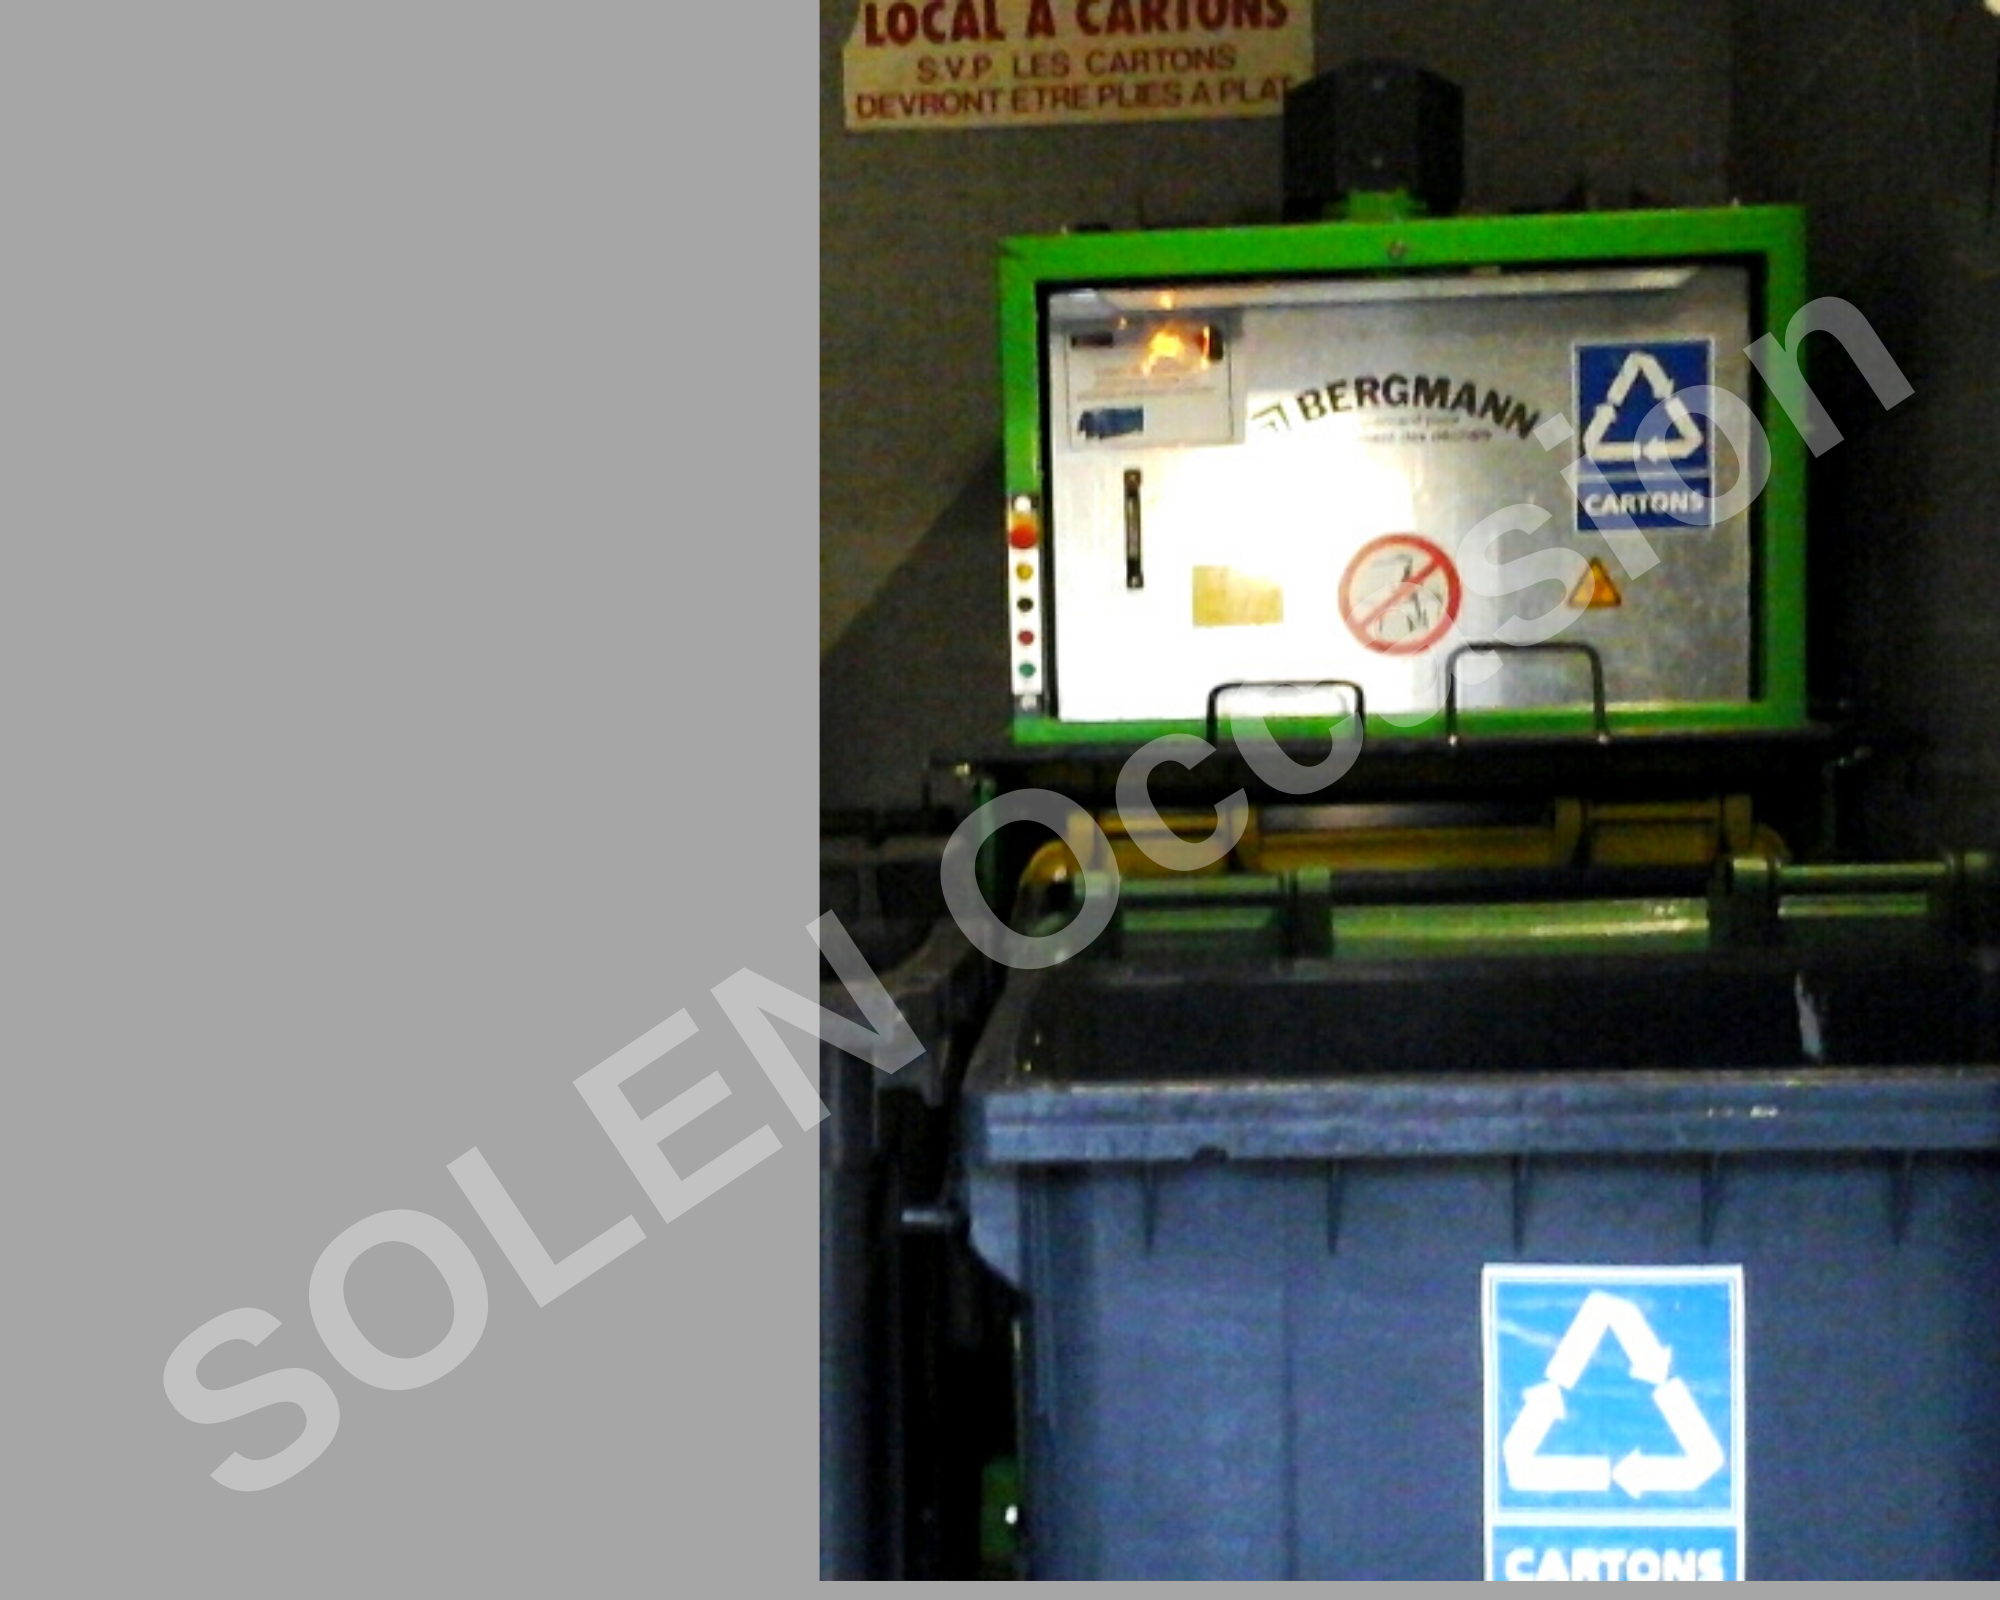 ROTOS Compacteurs - Bacs APS 1100-e 183 BERGMANN - 16